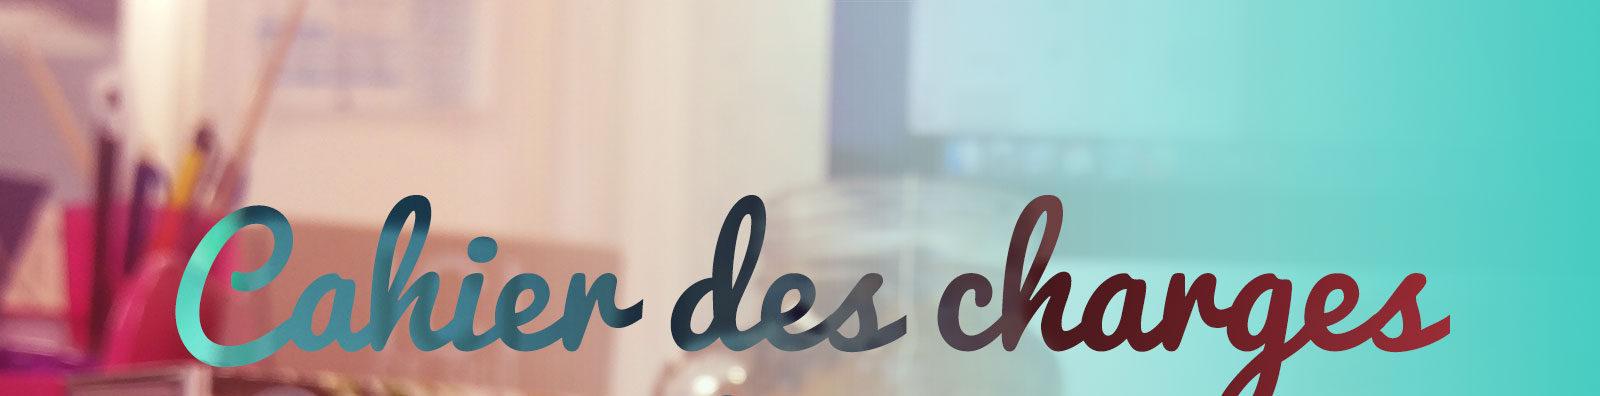 Vous avez un projet ? Prenez de l'avance et créez votre cahier des charges en ligne. Simple à remplir, le Cahier des charges sera votre base de projet. Posez vous les bonnes questions et lancez-vous ! Amélie Rimbaud est Graphiste & Designer Web à Nice, et vous aidera dans toute la phase de création de votre projet !